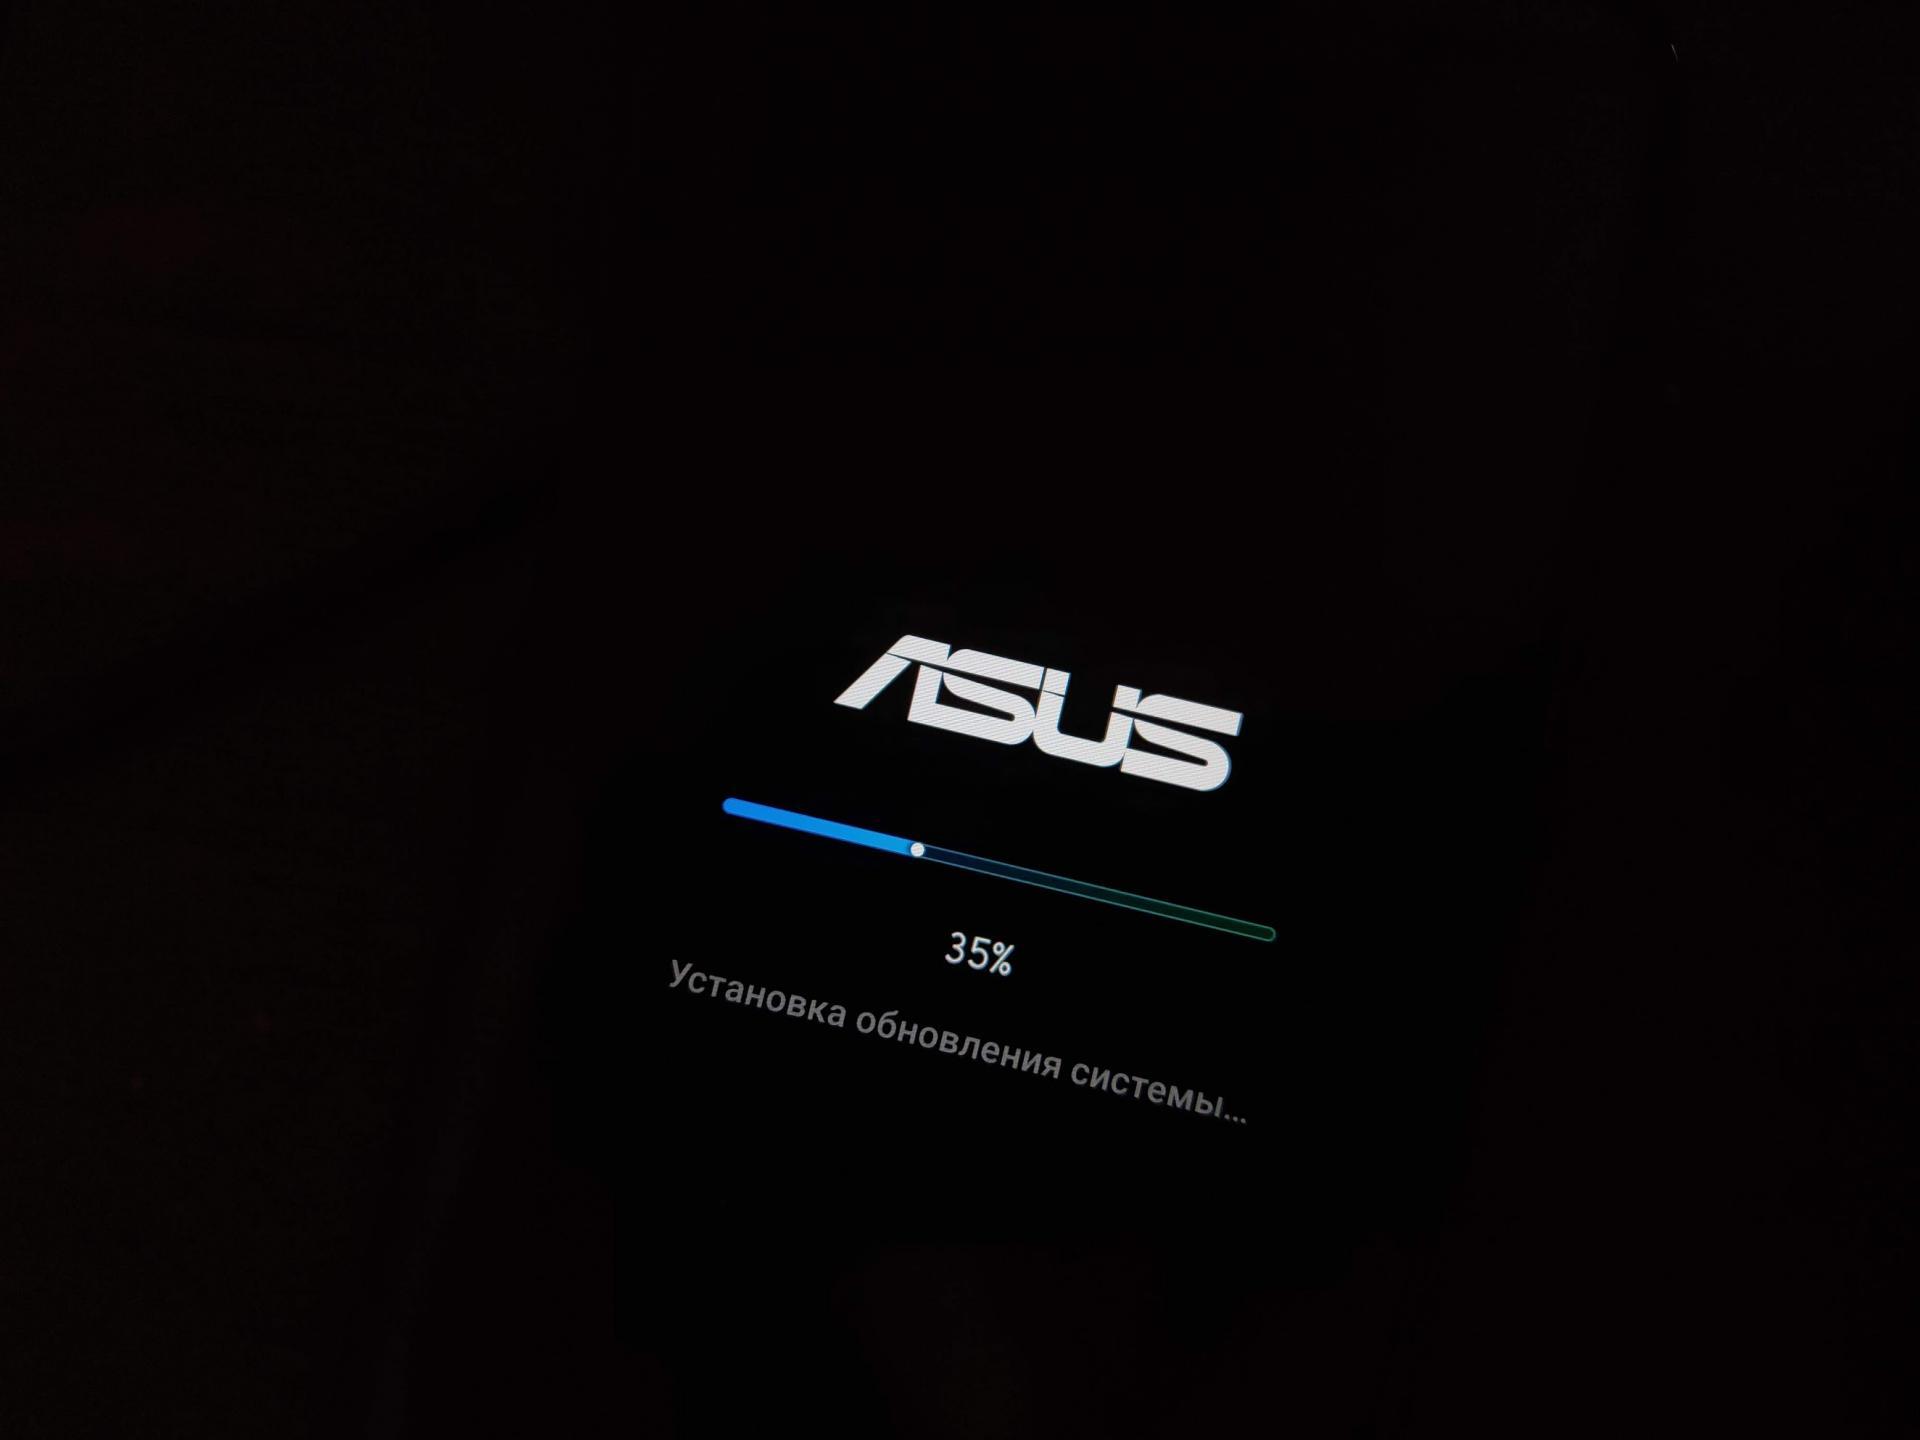 Asus выпускает Android 10 для смартфона Zenfone max M2. Уже бета-версия